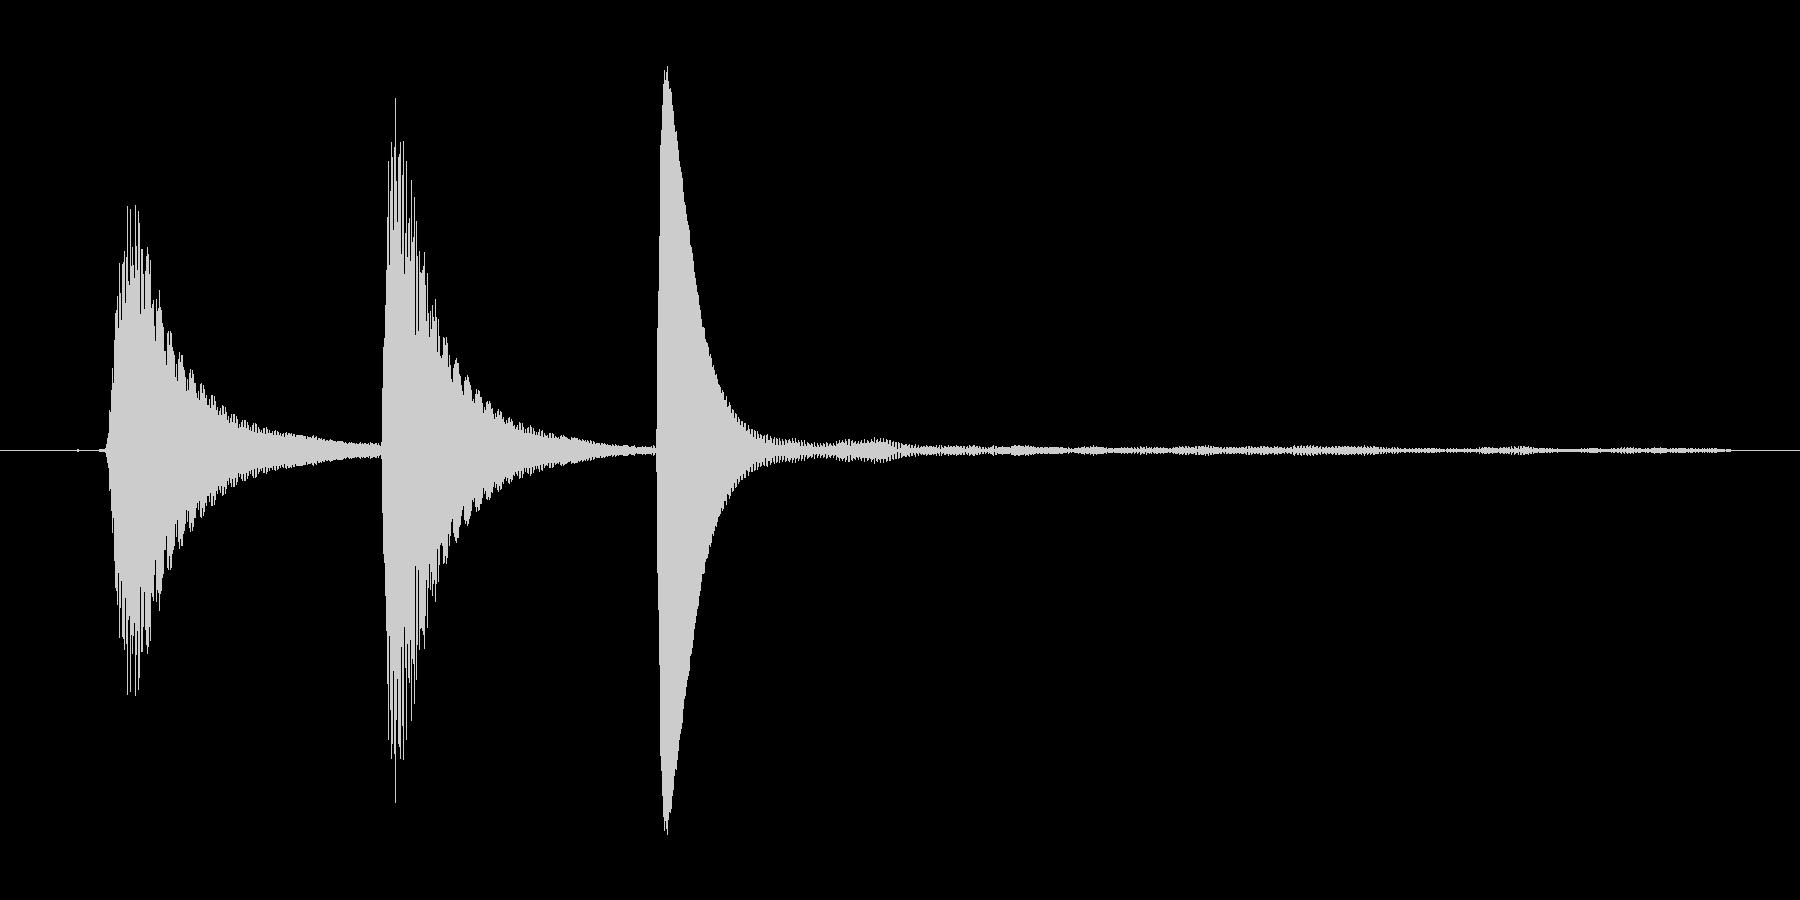 ポップアップ_決定音系_02の未再生の波形